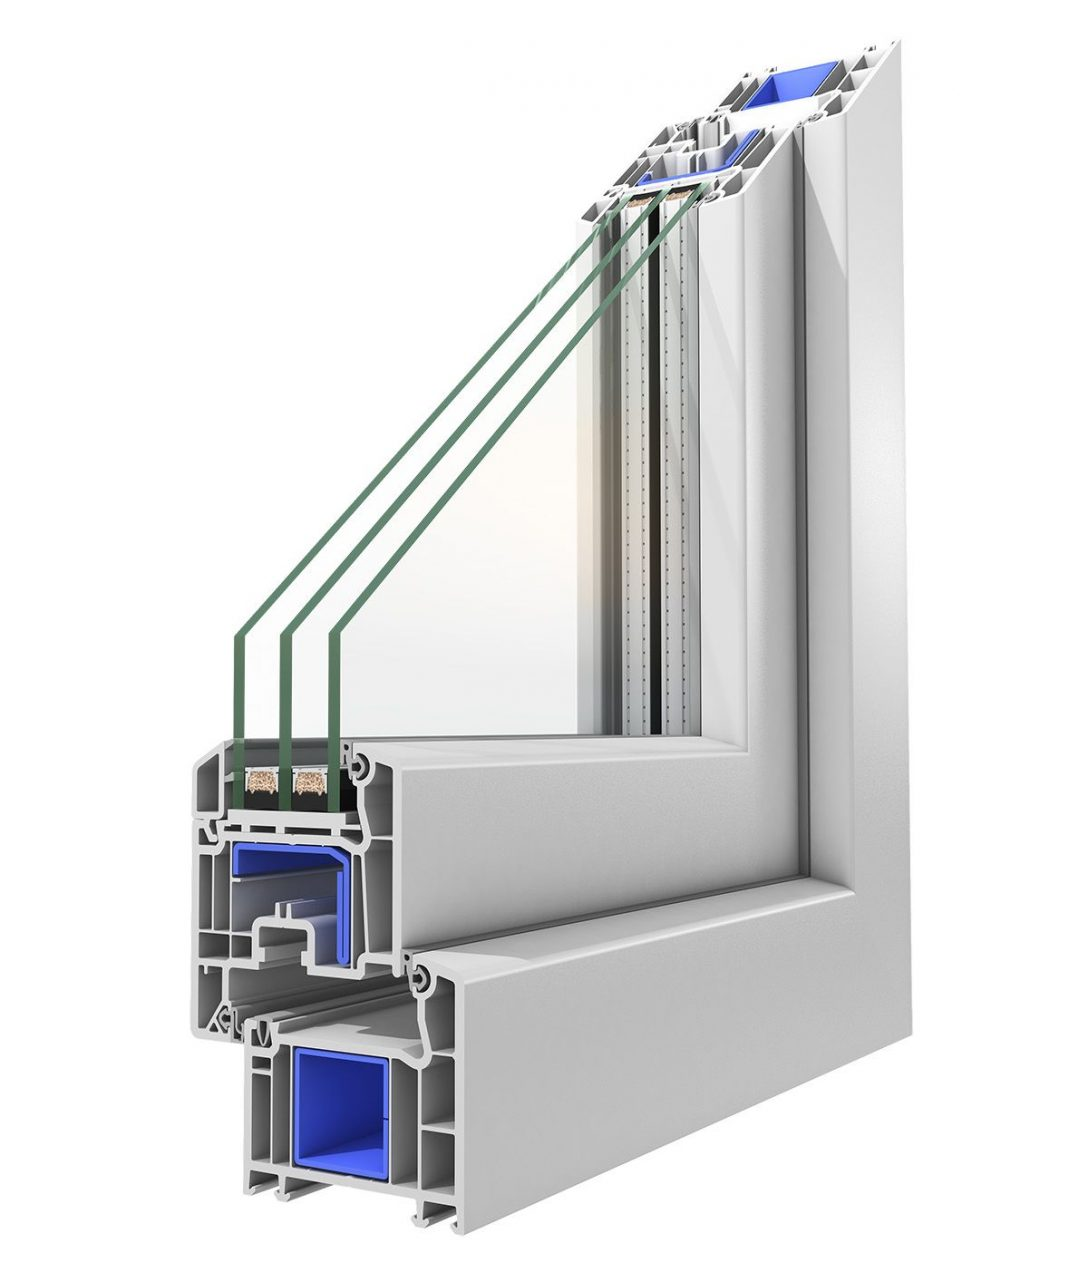 Large Size of Fenster Veka Softline 70 Testberichte 82 Md 76 Erfahrungen Ad Bewertung Kaufen Mm Mit Dreifachverglasung Adigafenster Braun Drutex Einbauen Kosten Fenster Fenster Veka